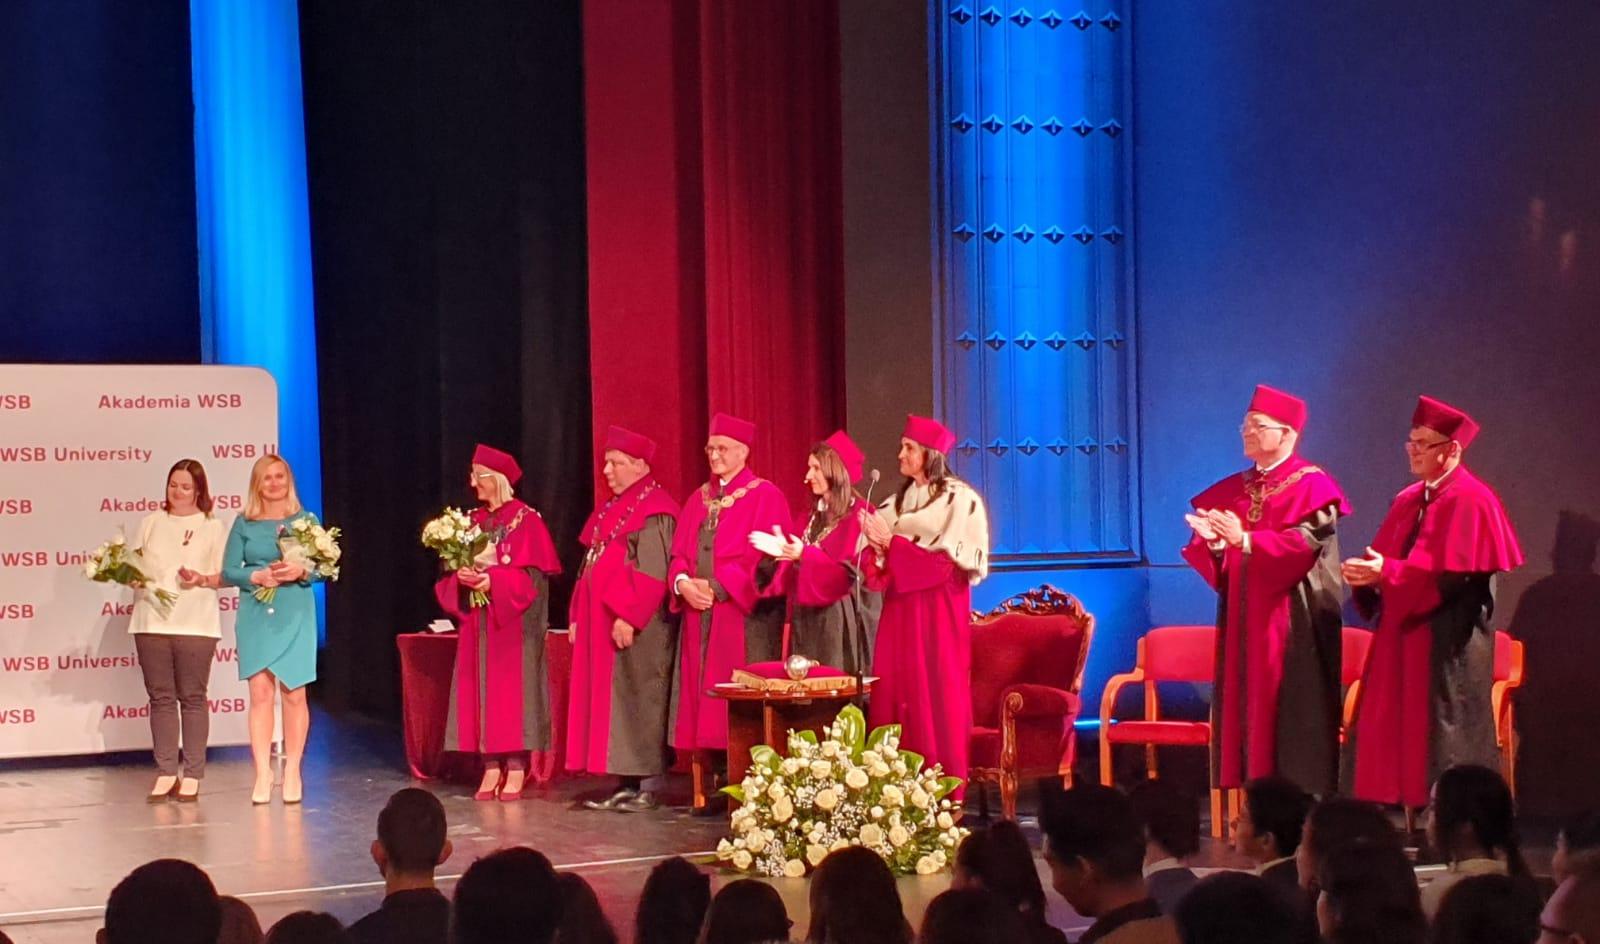 Inauguracja jubileuszowego 25 Roku Akademickiego